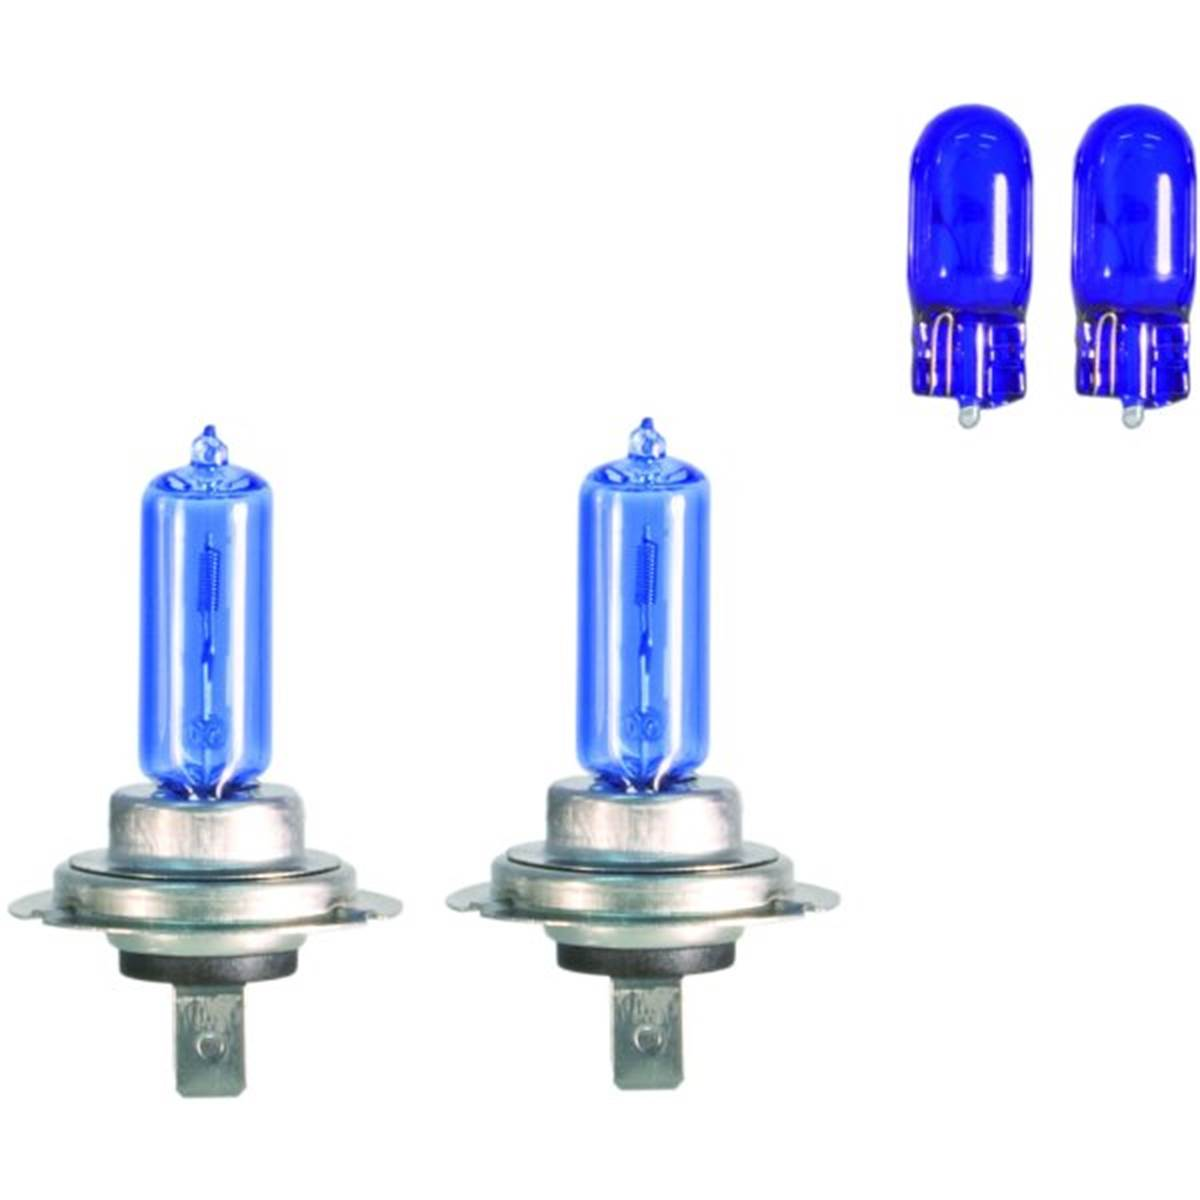 Ampoules h7 Spectras + 2 Ampoules T10 Xenon Pack x2 BC Corona